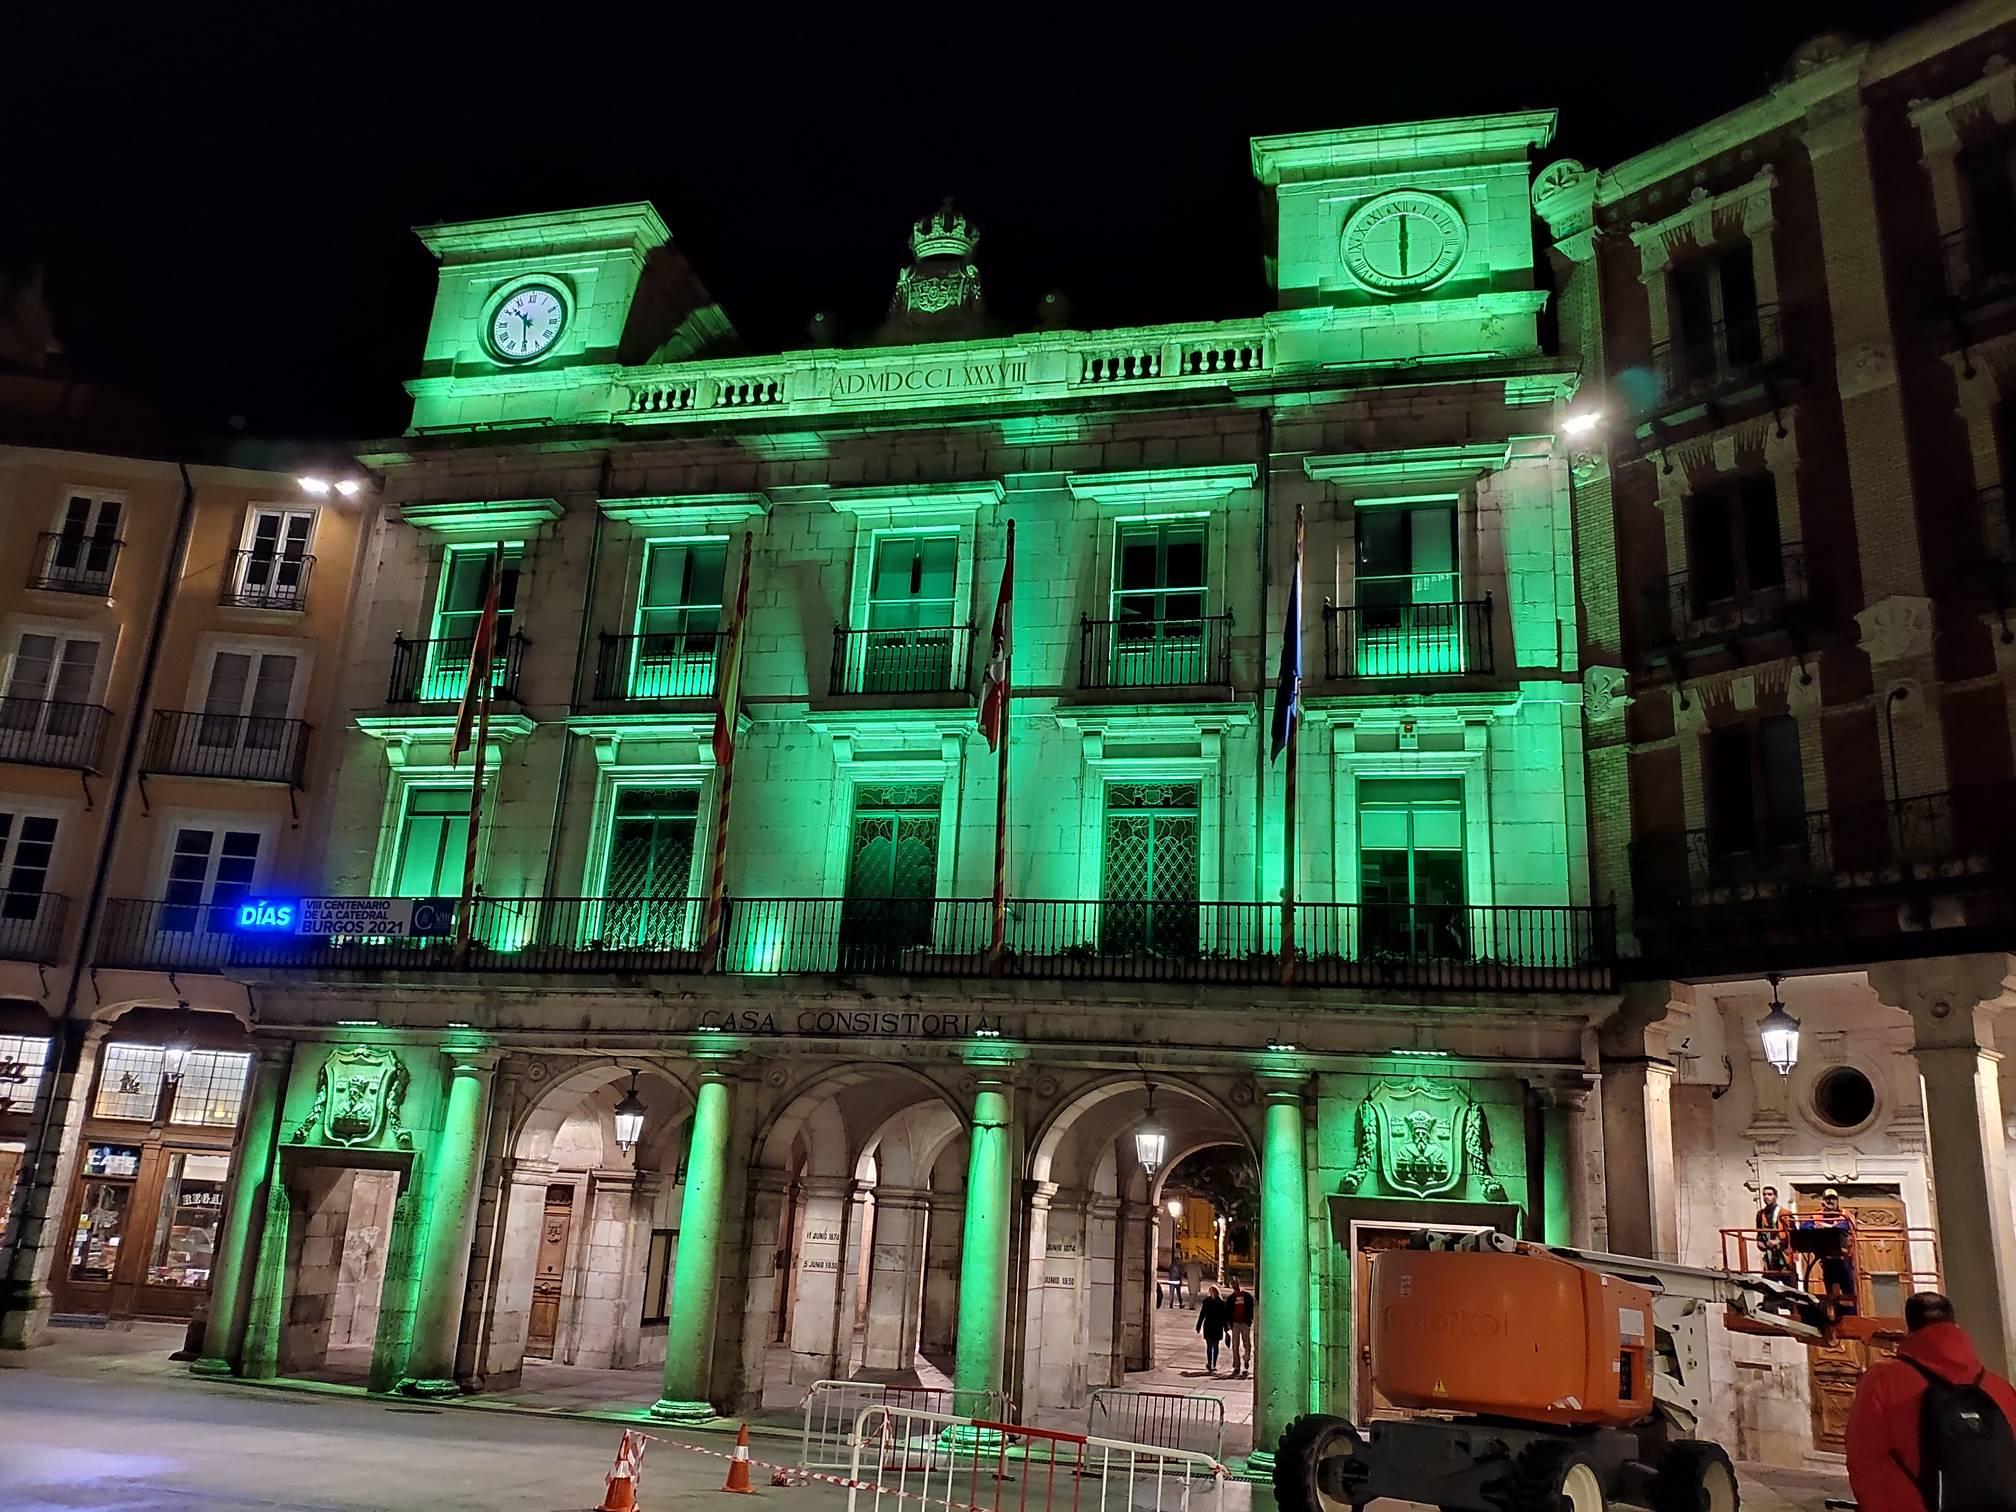 Ayuntamiento de Burgos, Burgos